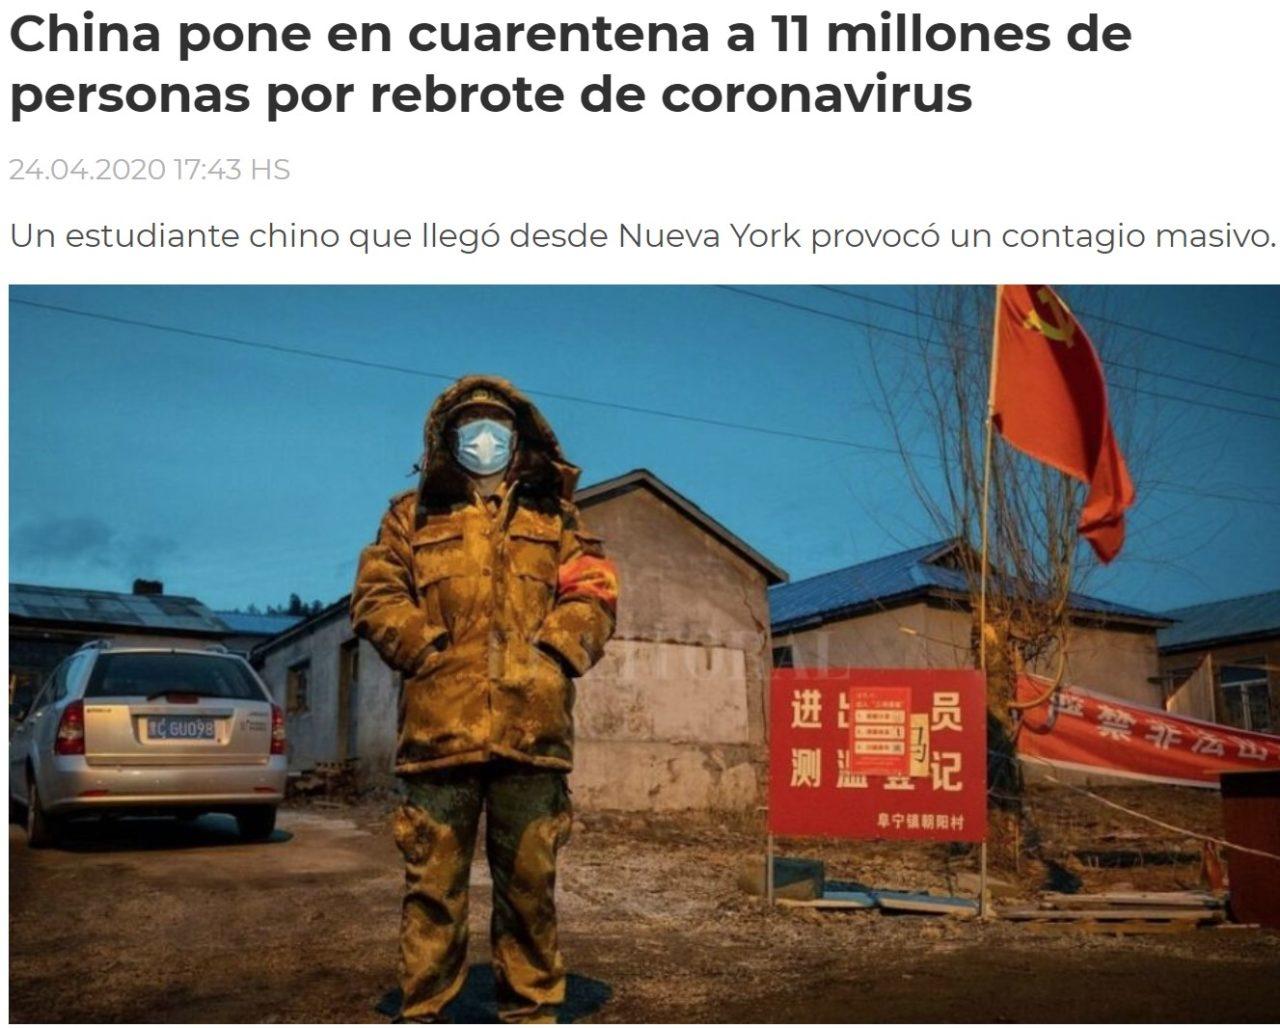 Mientras Alemania se prepara para la segunda ola, y China vuelve a poner en cuarentena a millones de personas, en Madrid...